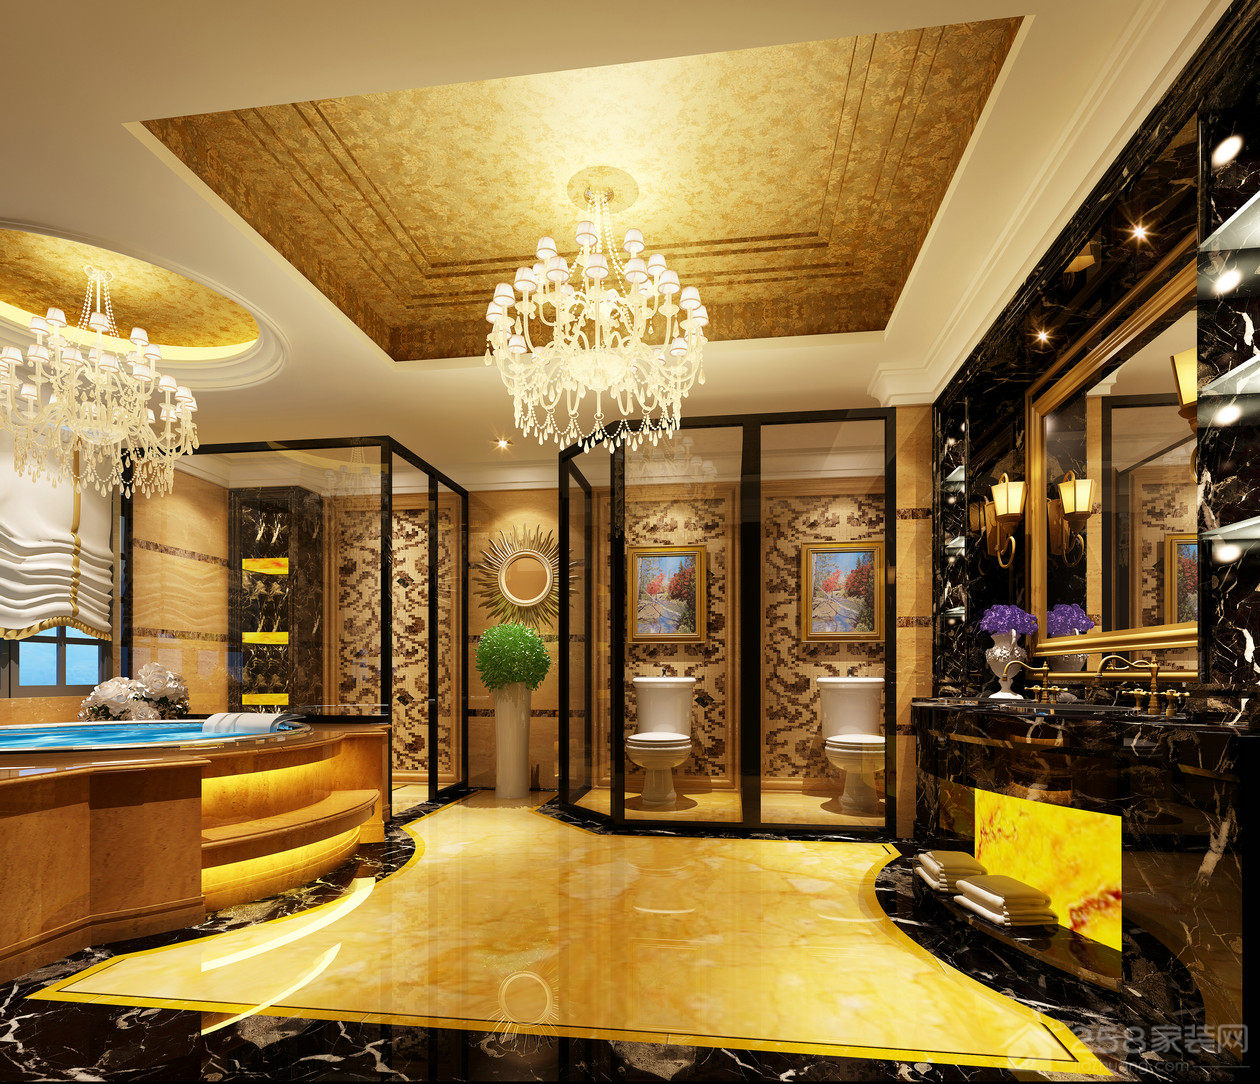 高贵奢华浴室水晶吊灯效果图